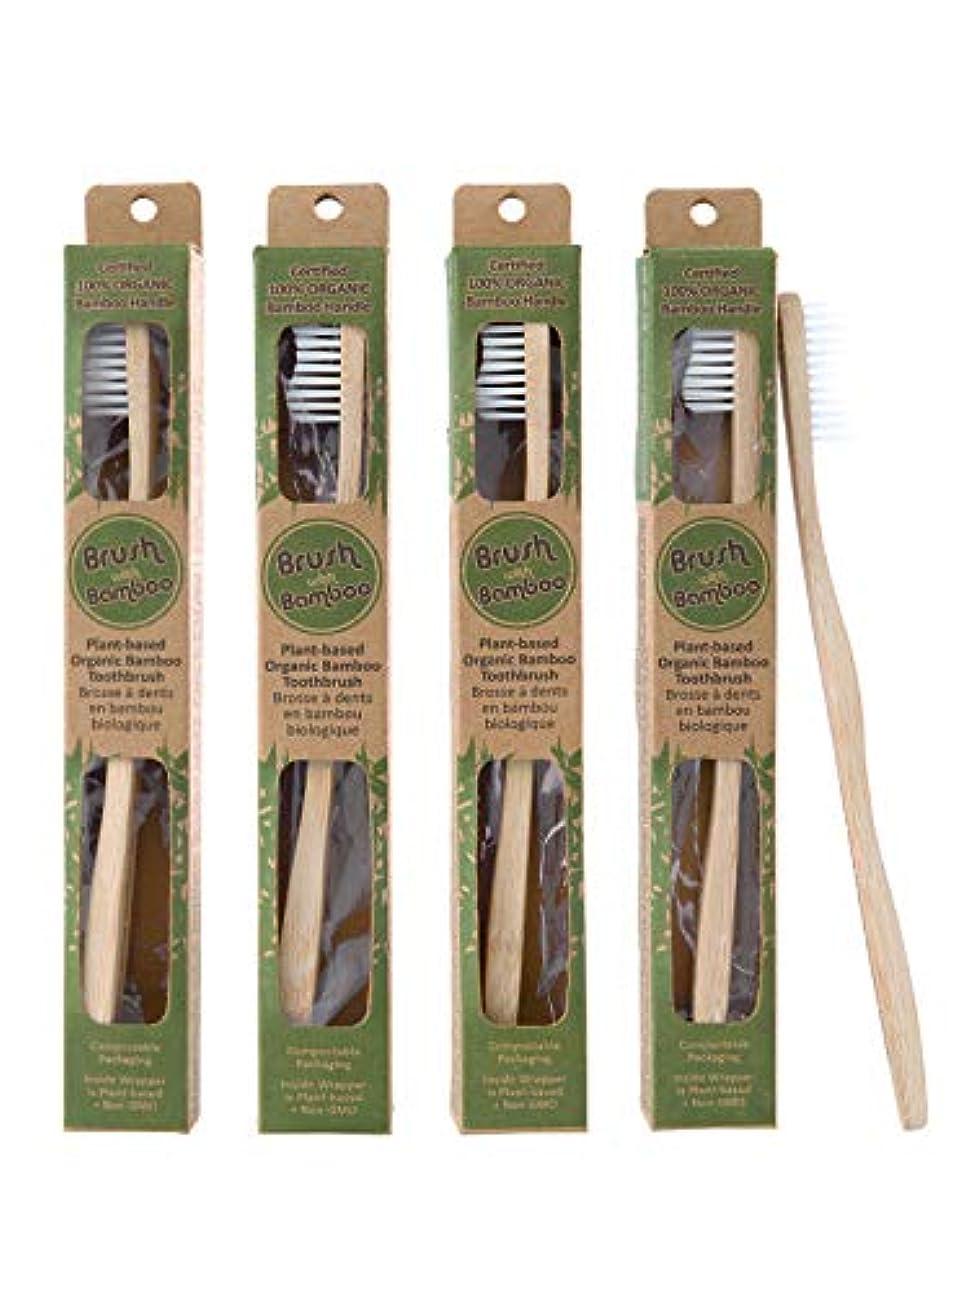 ダイアクリティカル組み込む雰囲気Plant-based Bamboo Toothbrush Adult Size 4 Pack by Brush with Bamboo